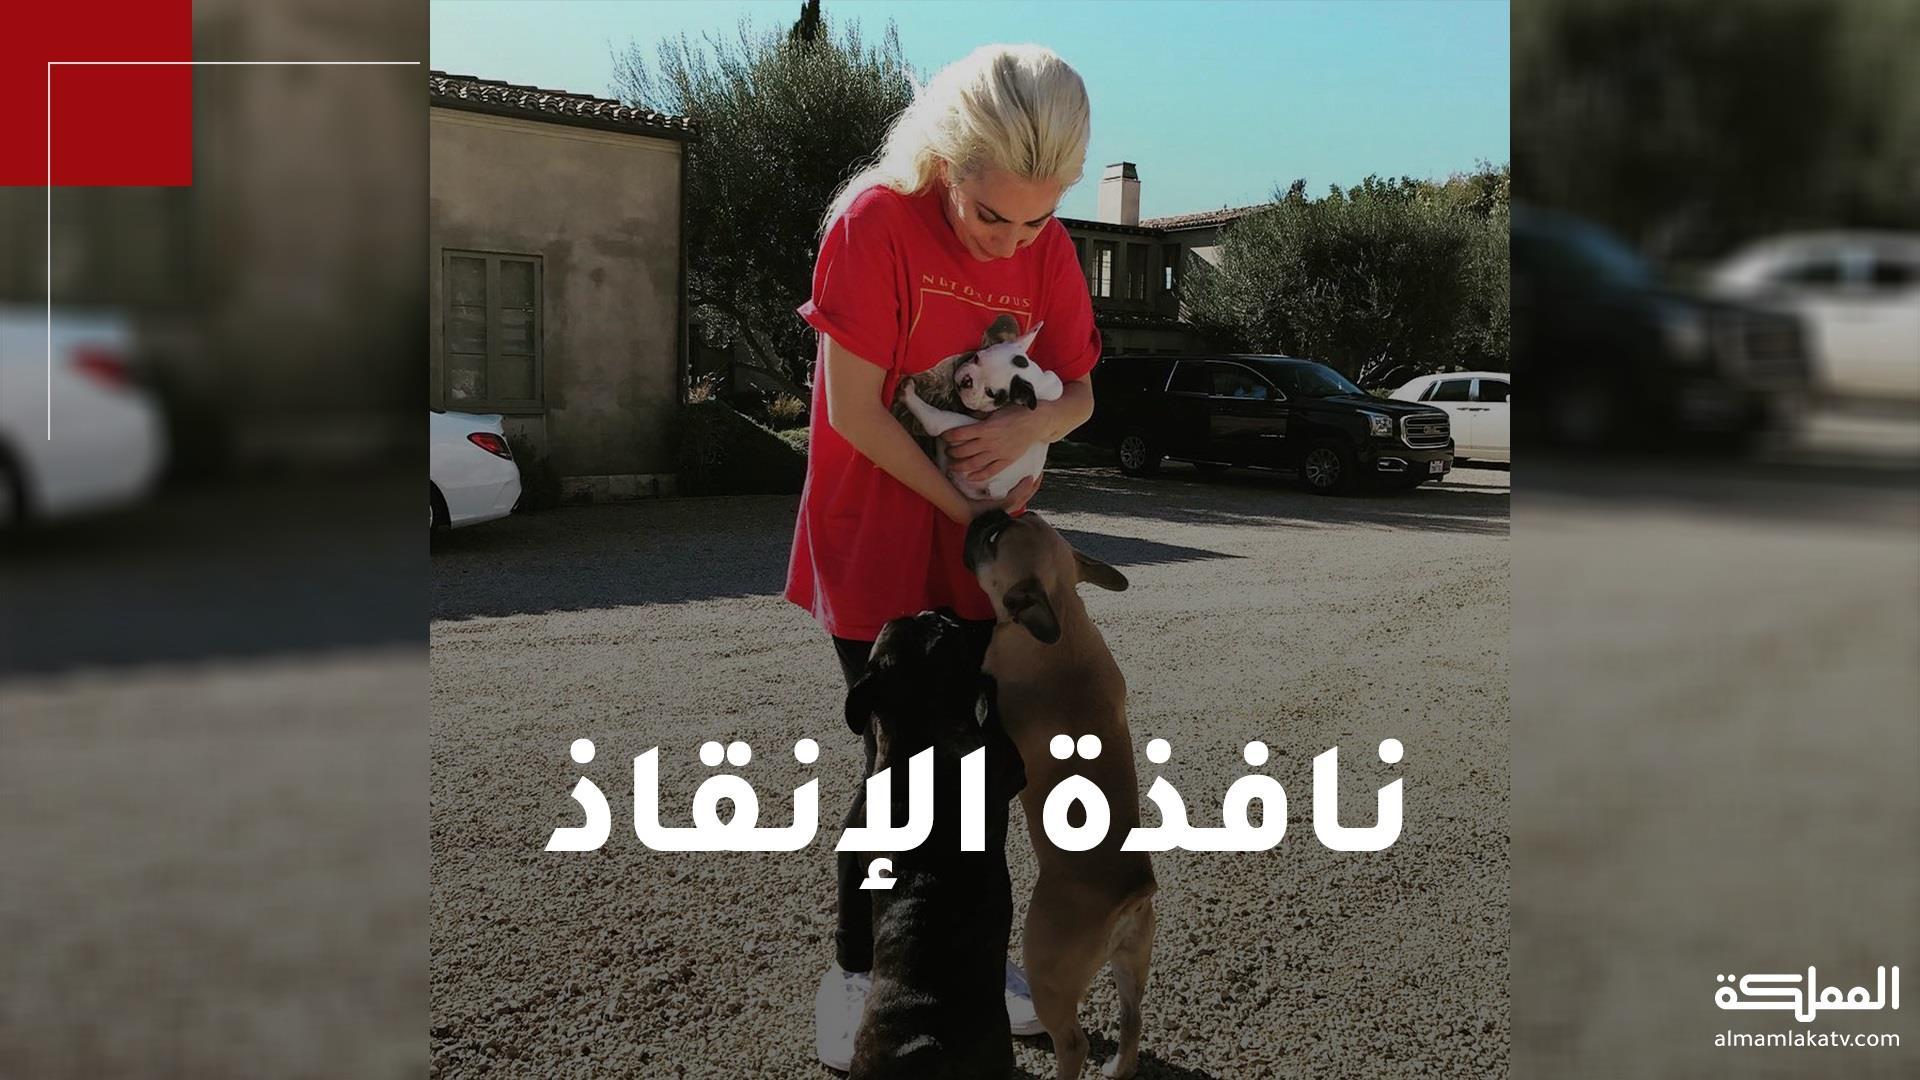 ليدي غاغا بقلب ينفطر بعد اختطاف كلبيها.. ونصف مليون دولار مكافأة من يعثر عليهما